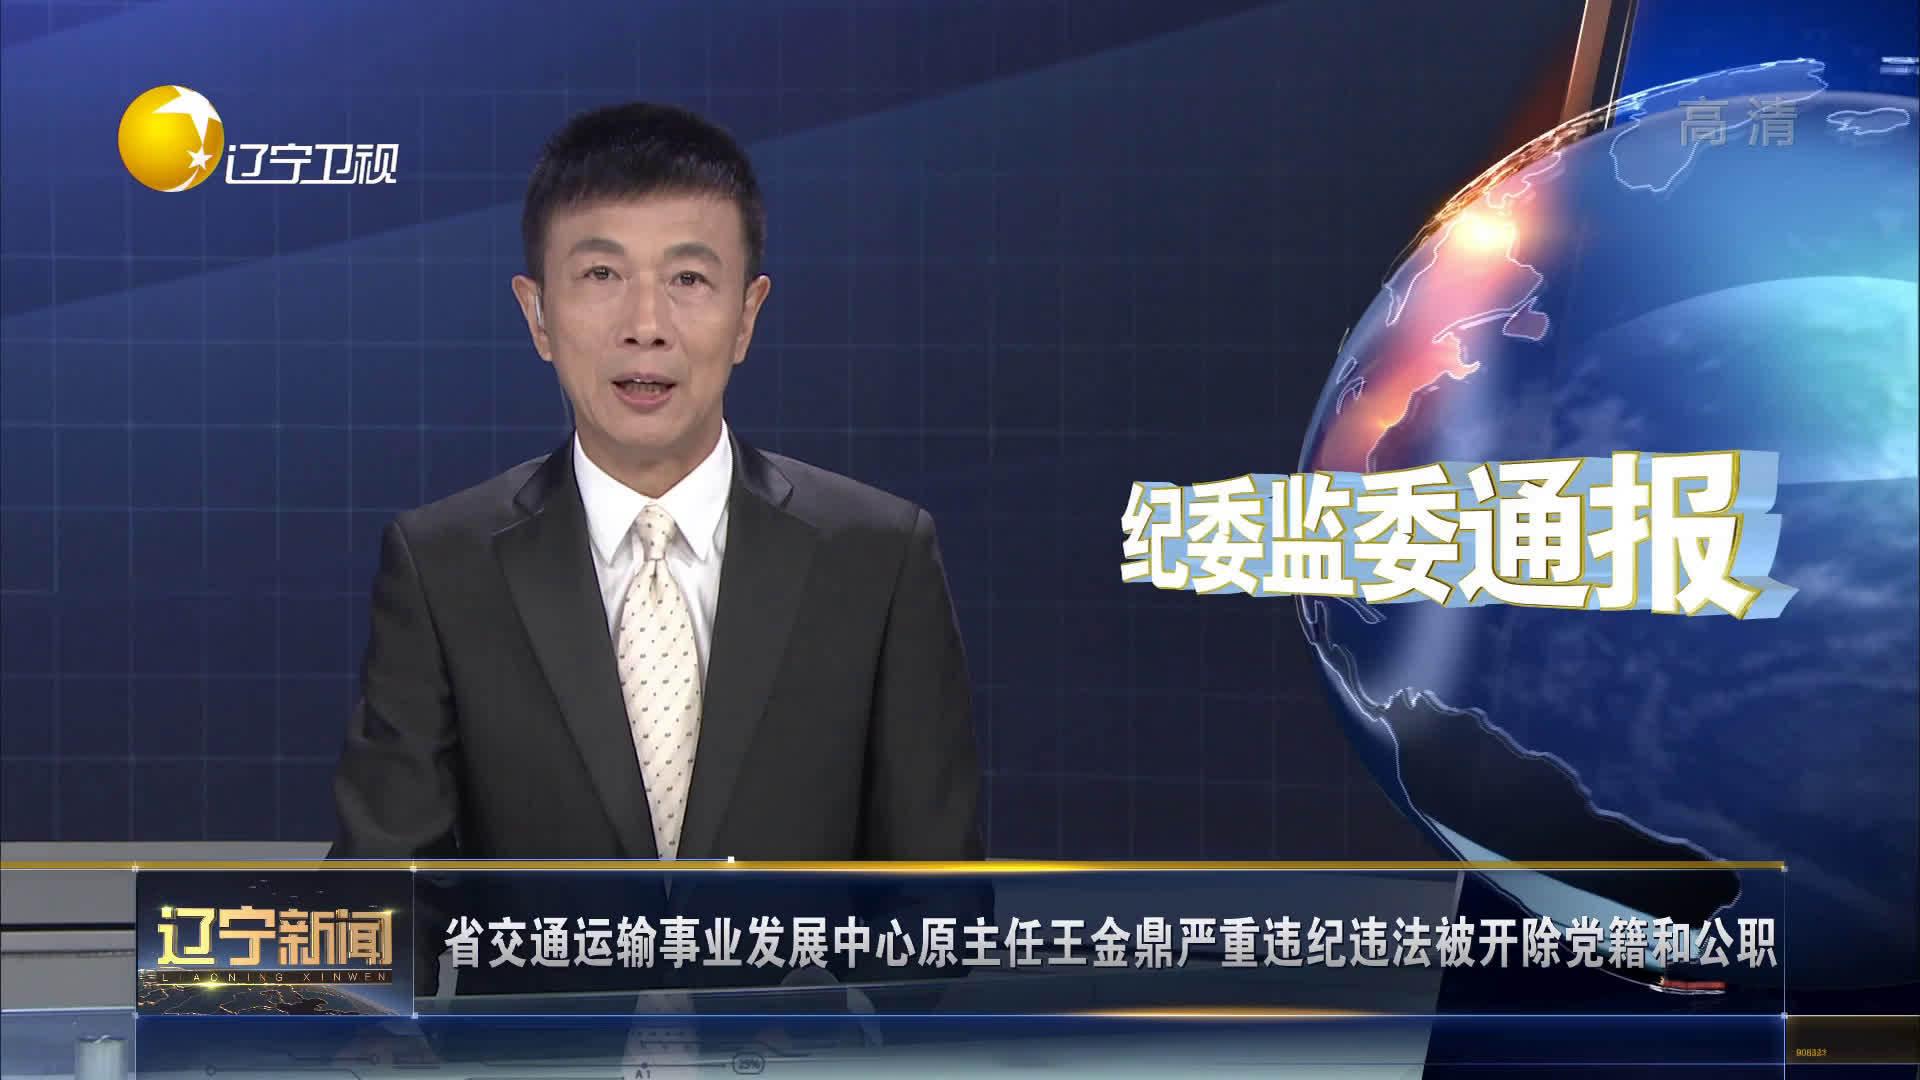 辽宁省交通运输事业发展中心原主任王金鼎严重违纪违法被开除党籍和公职